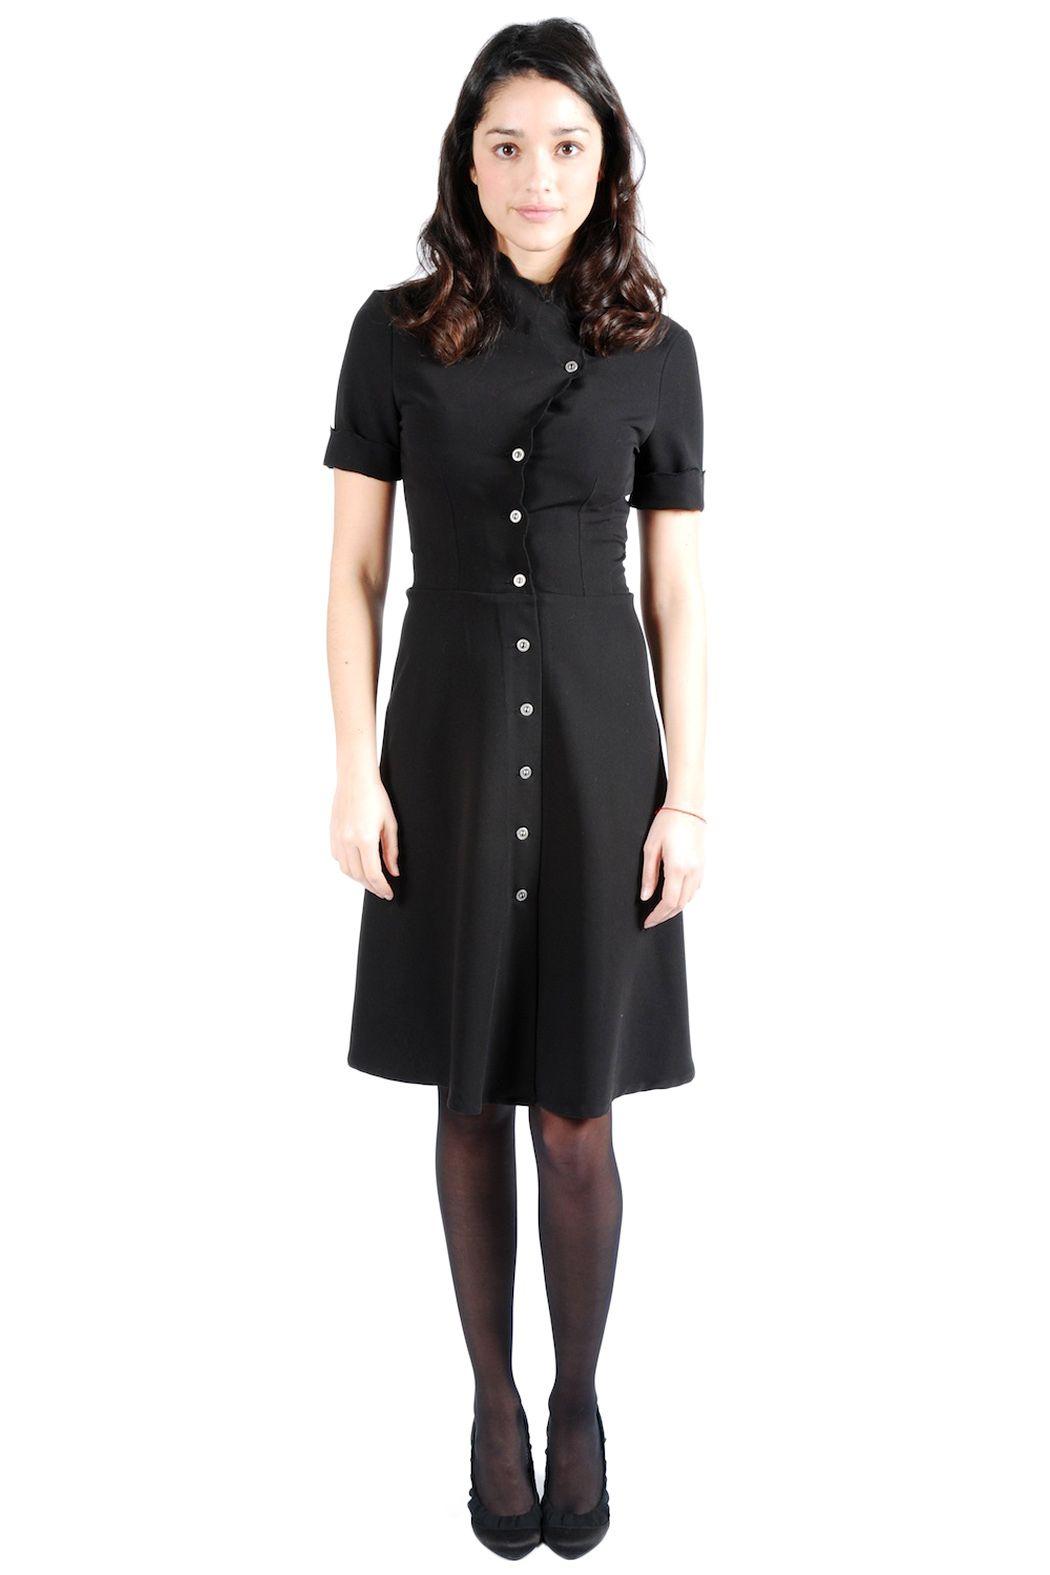 Structured Black Button Down Dress Clothes Clothes Design Dresses [ 1575 x 1050 Pixel ]